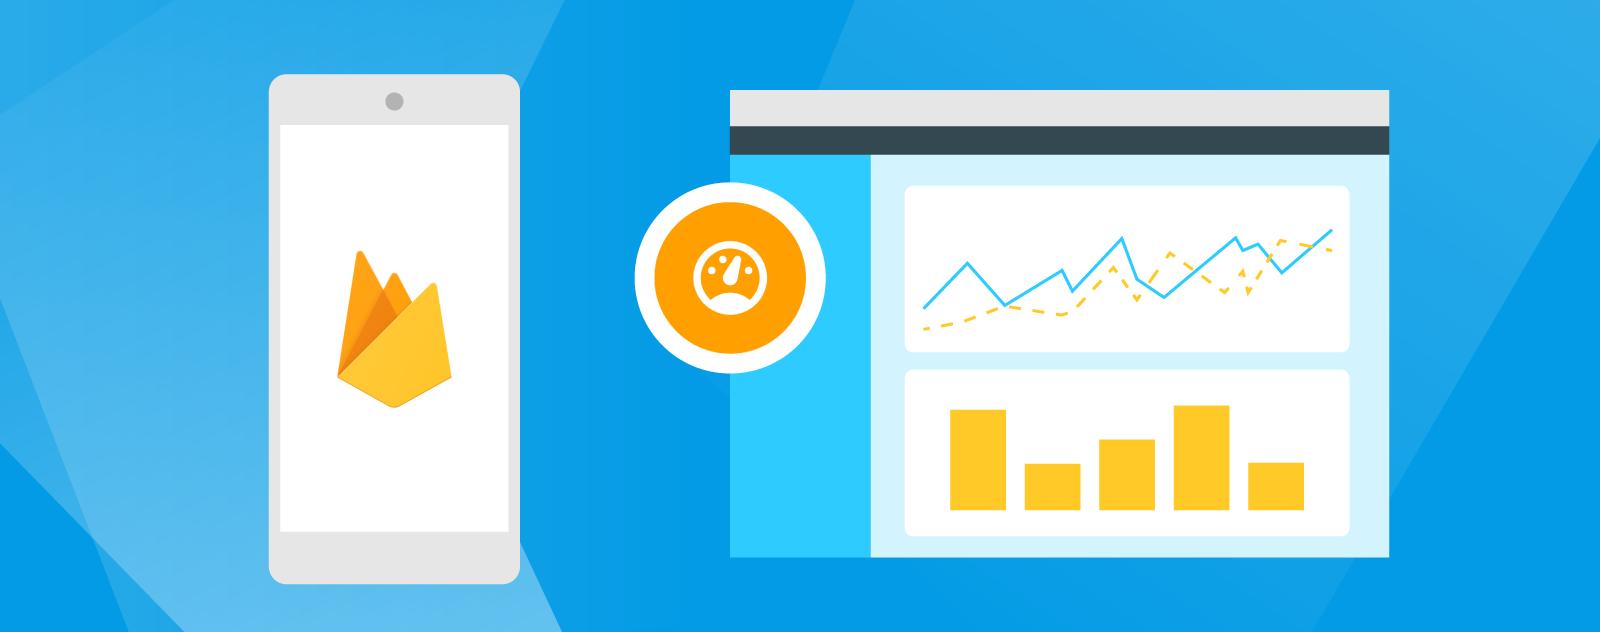 Cabeçalho do Monitoramento de desempenho do Firebase